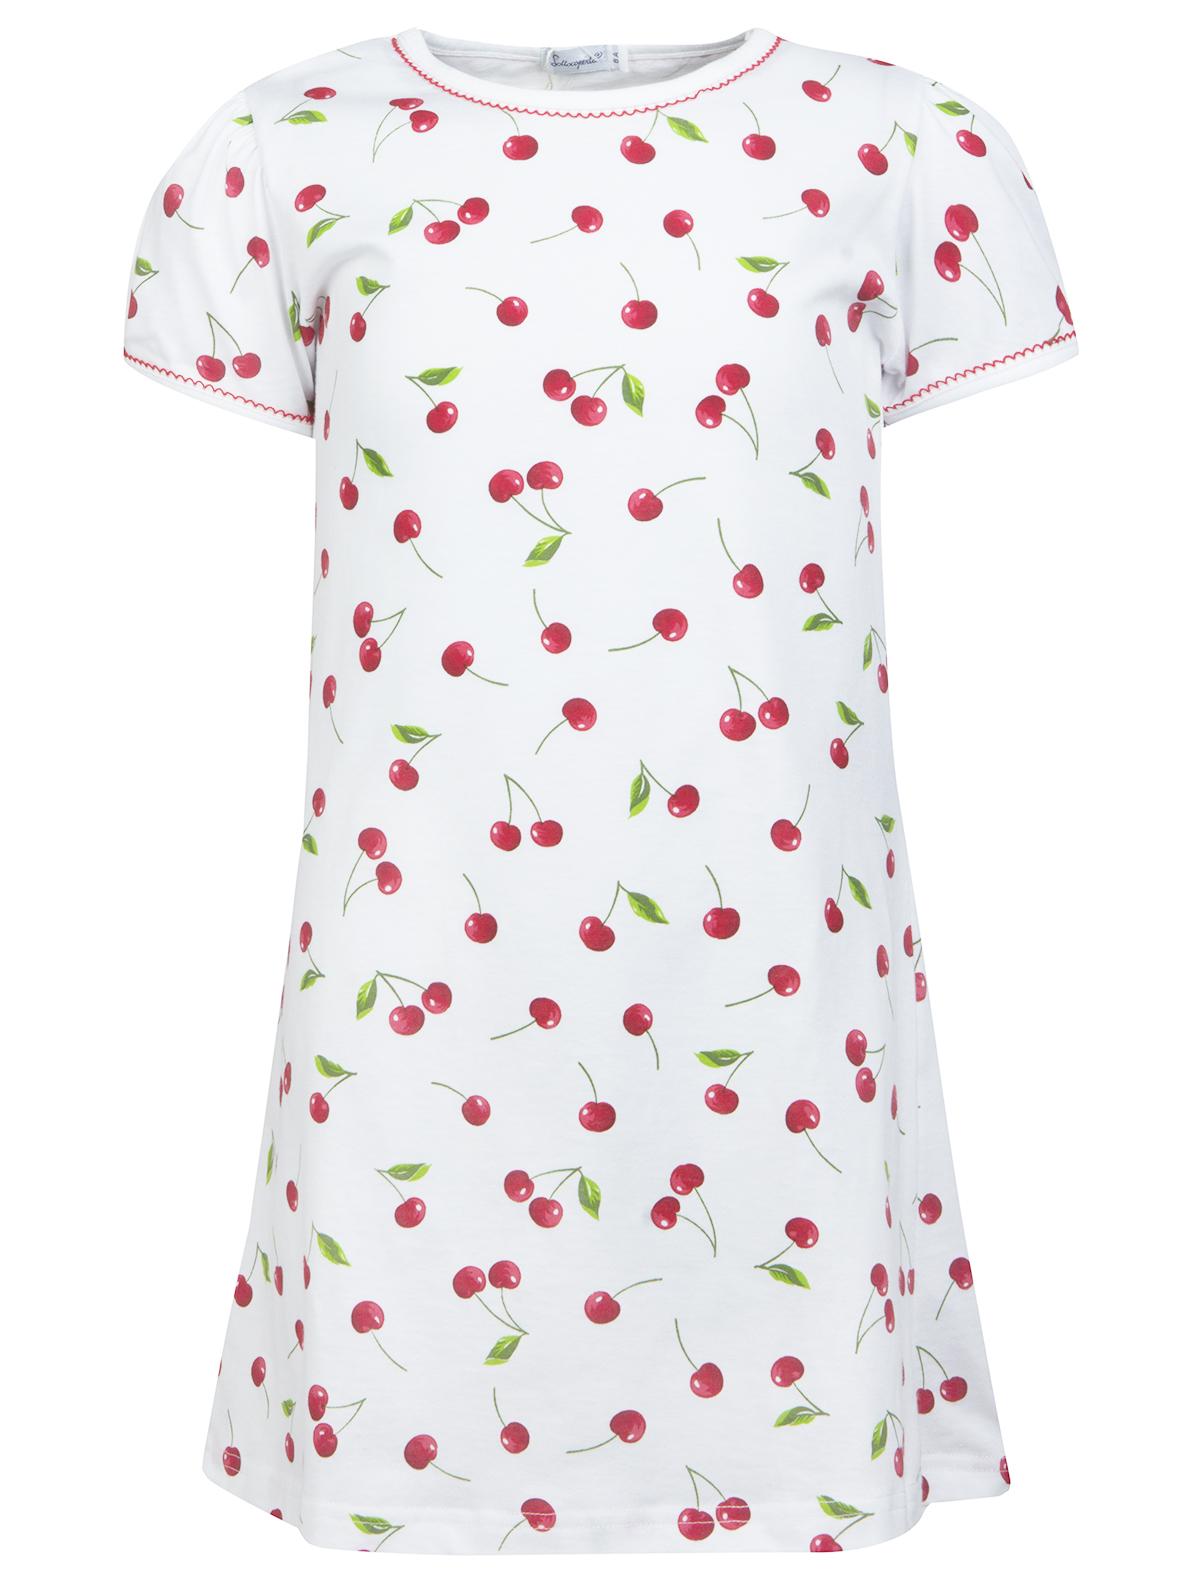 Купить 1929071, Ночная рубашка Sottocoperta, белый, Женский, 3341209670012